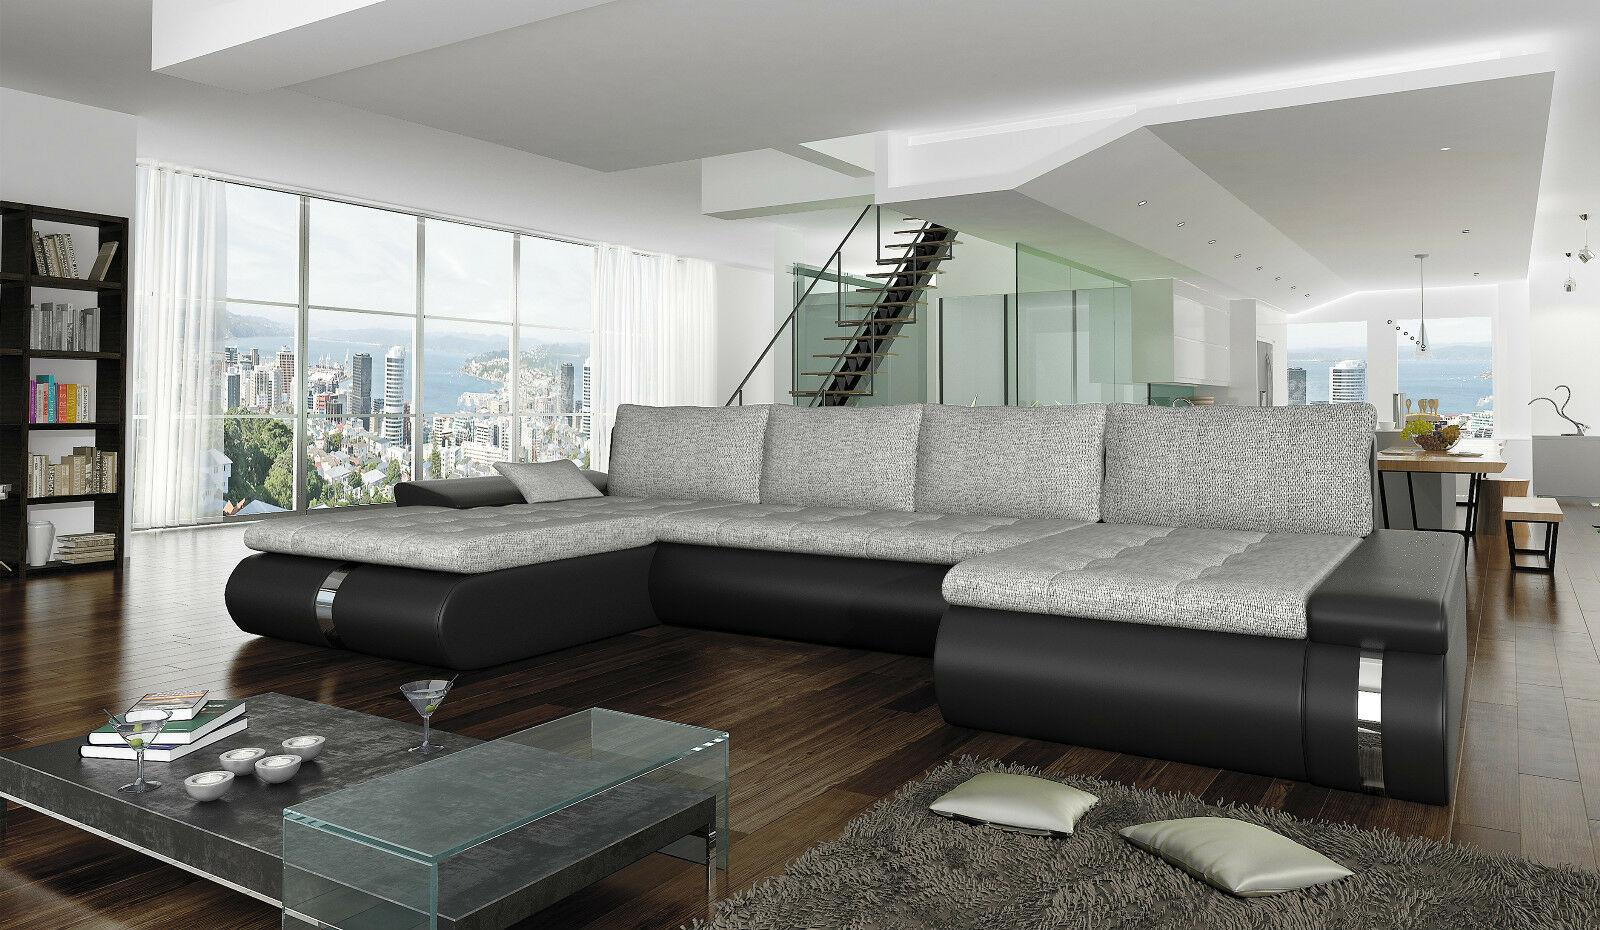 Erstaunlich Eckcouch Schlaffunktion Ideen Von Couchgarnitur Fado Lux Sofa Couch Polsterecke Ecksofa